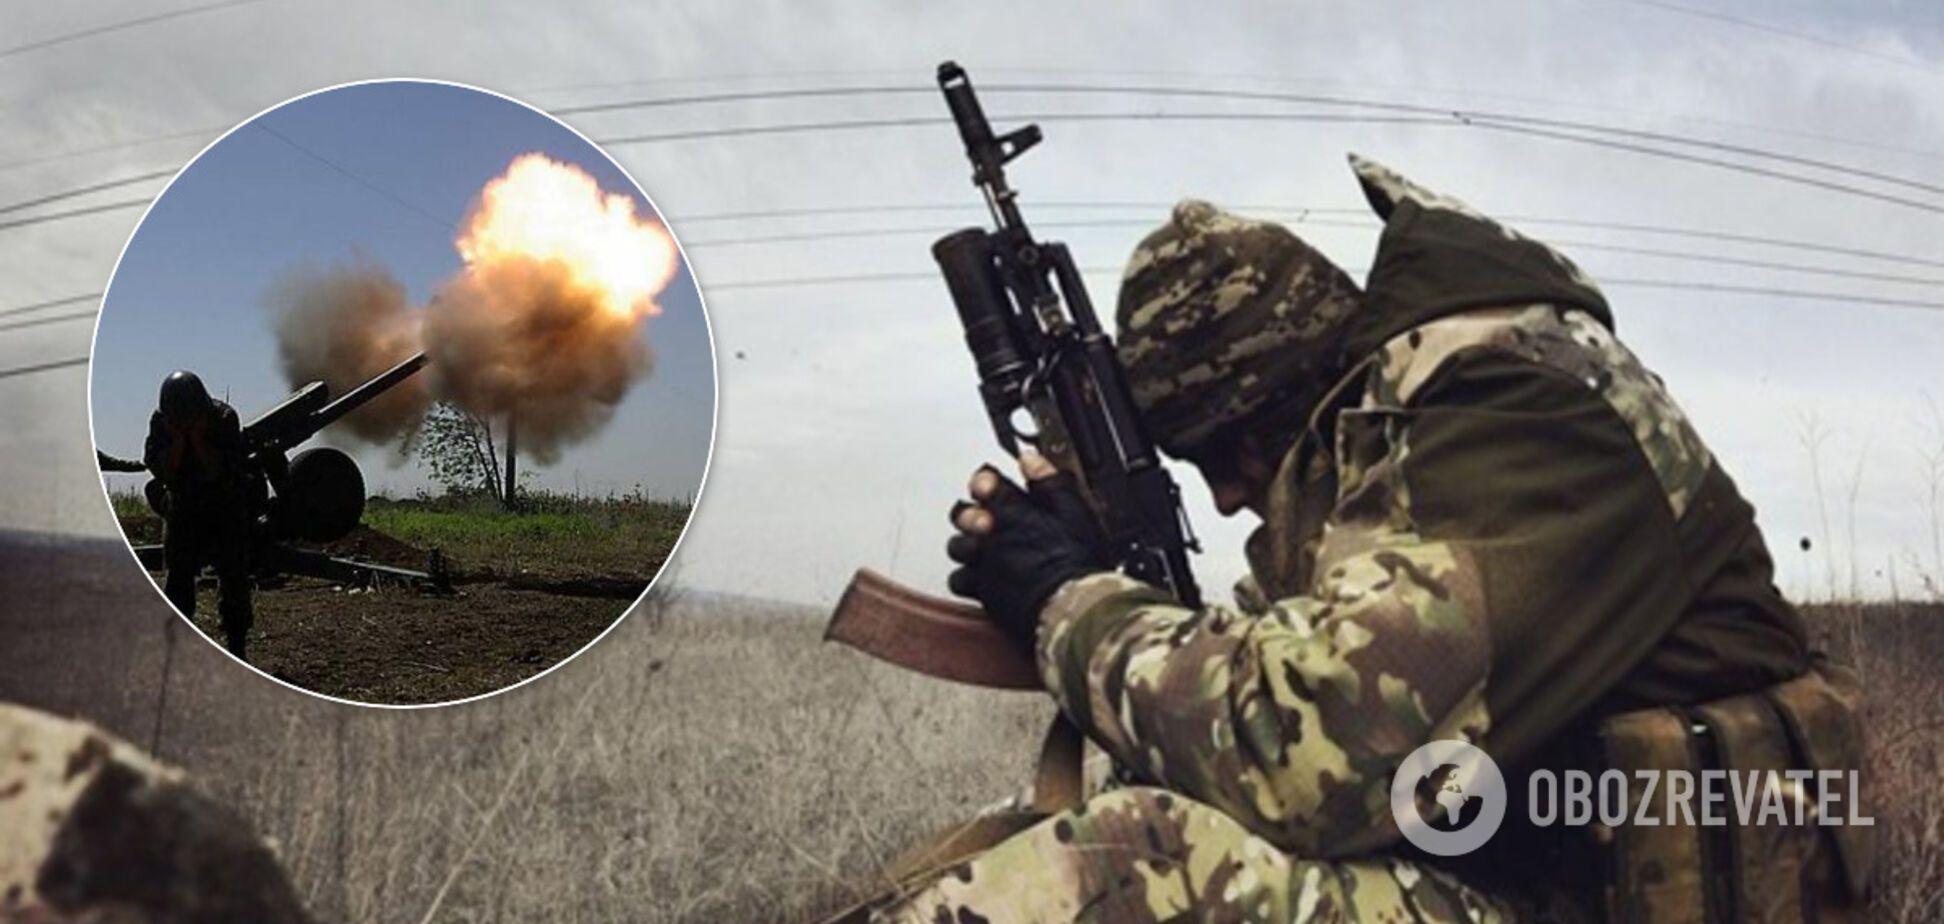 Найманці Росії розв'язали криваві бої на Донбасі: в України серйозні втрати